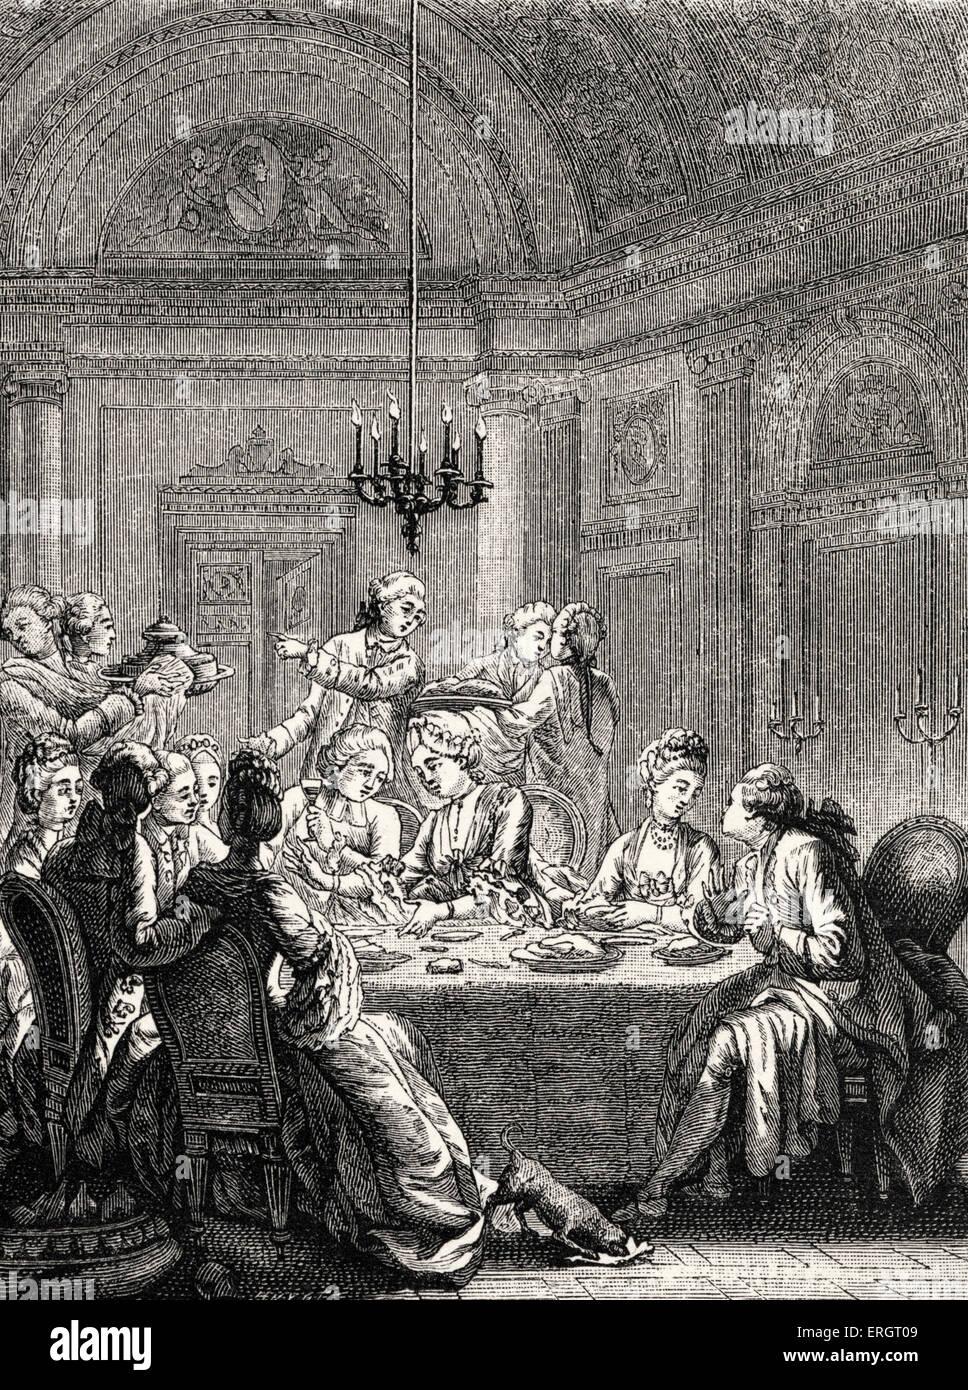 La vita quotidiana nella storia francese  un aristocratico cena nel XVIII  secolo in Francia durante il regno di Luigi XV. Alta società sala da pranzo    8732726bf258